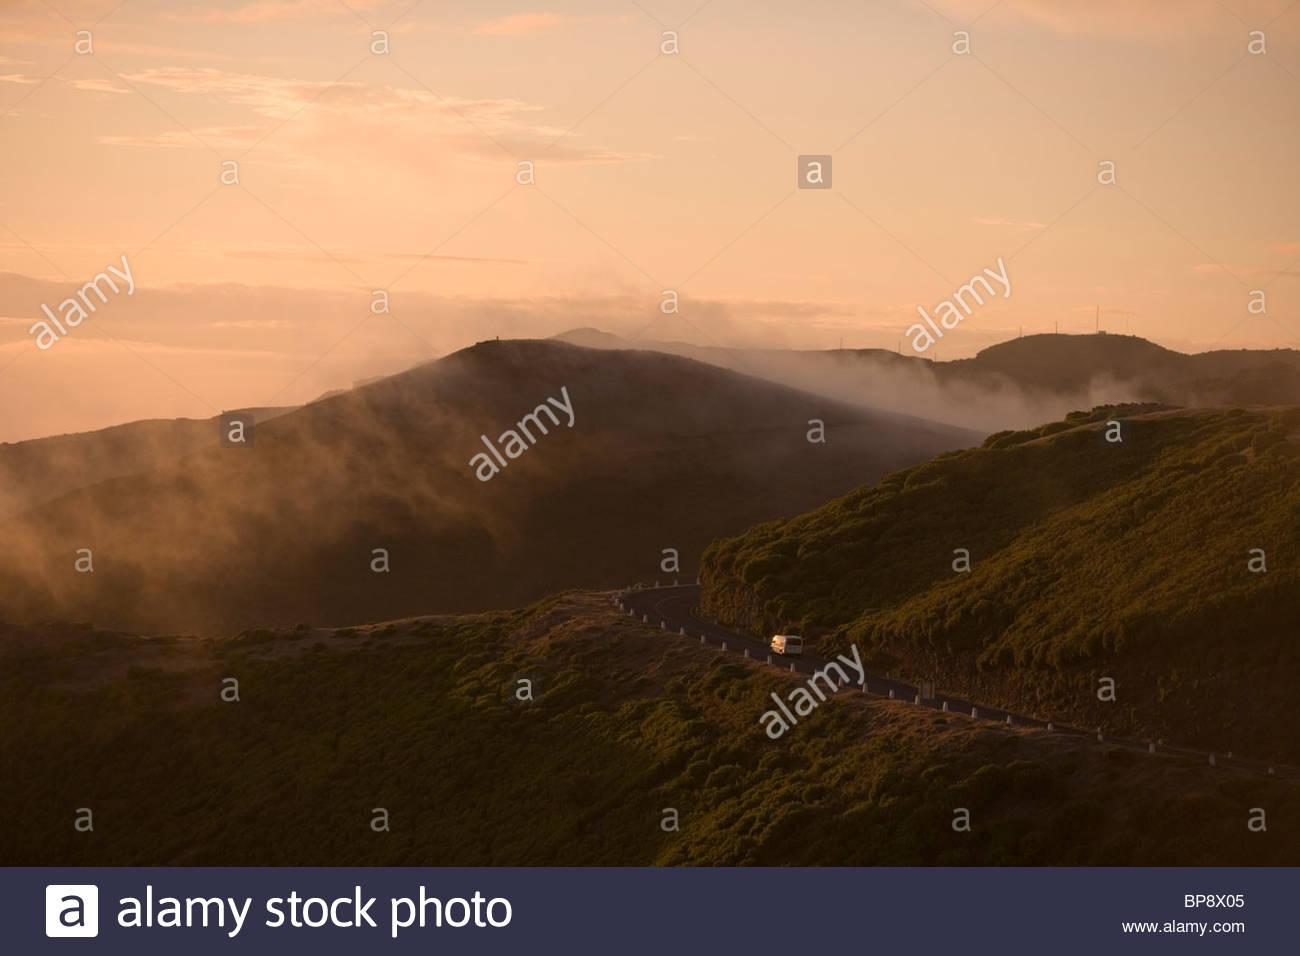 Strada di Montagna al tramonto, vicino a Rabacal, Paul da Serra altopiano, Madeira, Portogallo Immagini Stock